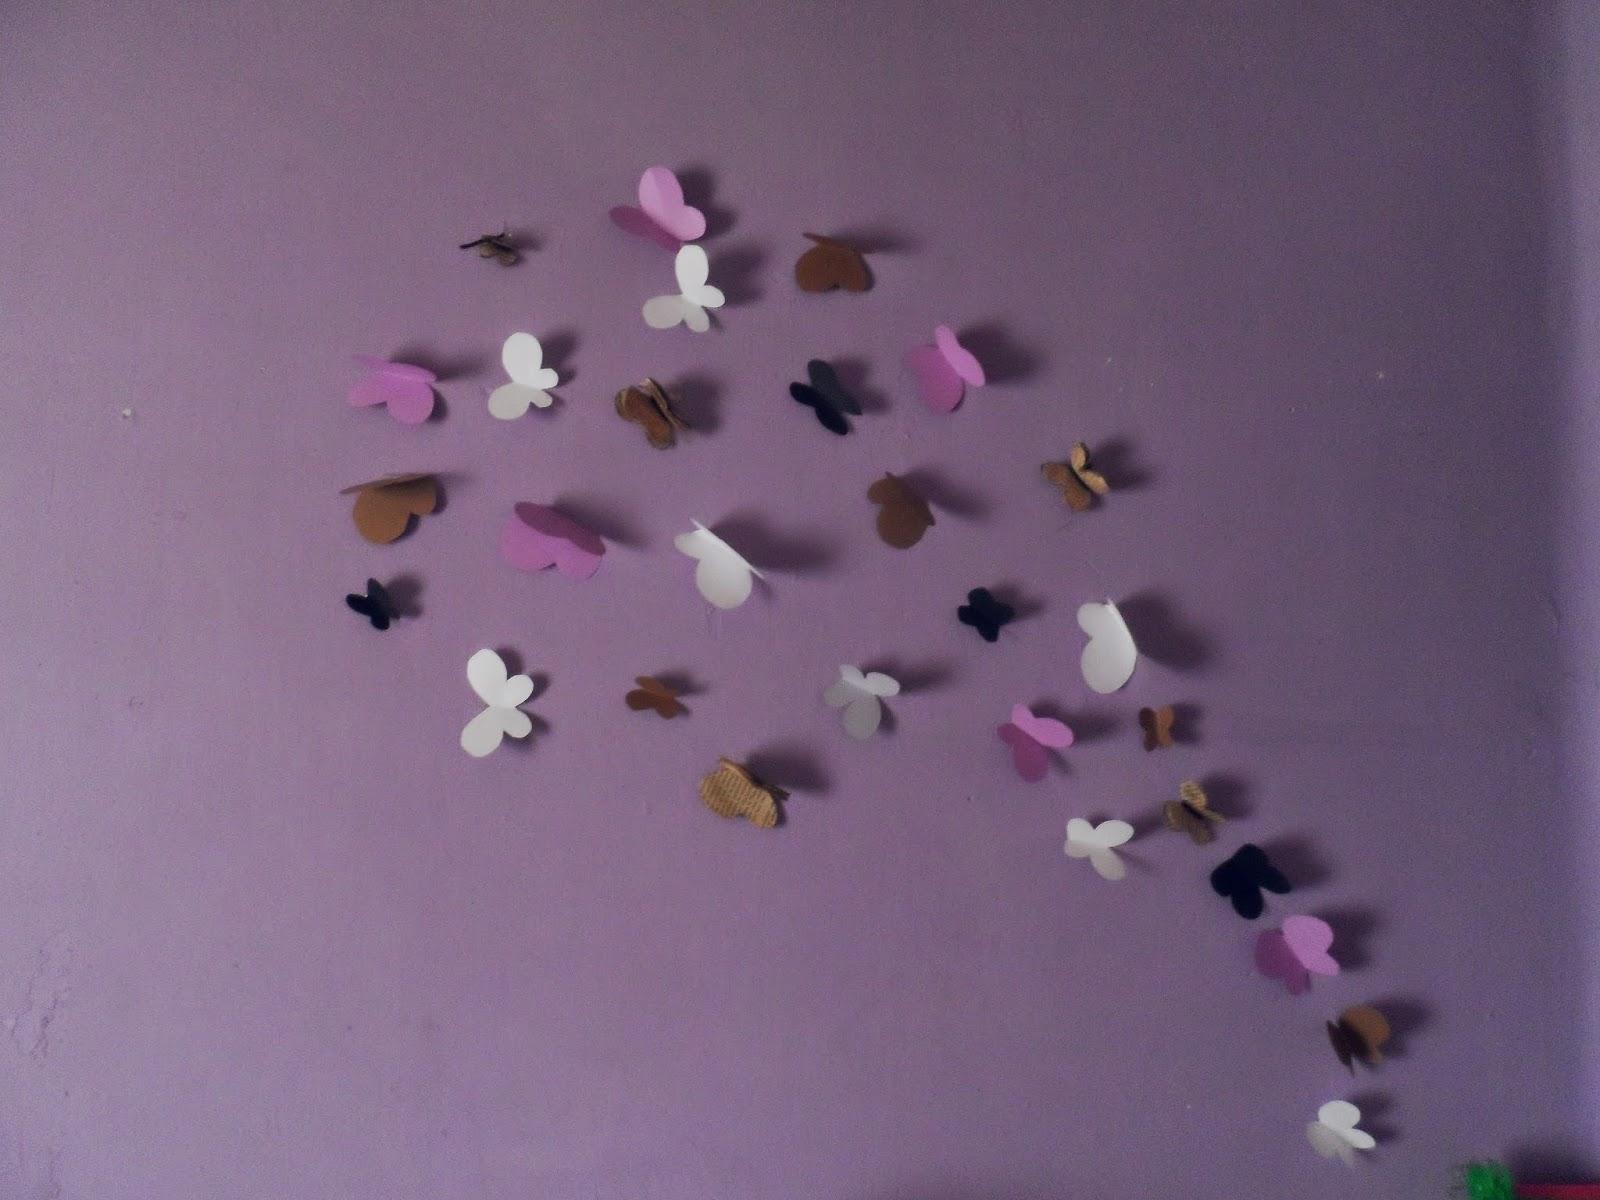 Las cositas de lau mariposas decorativas de pared con - Mariposas en la pared ...